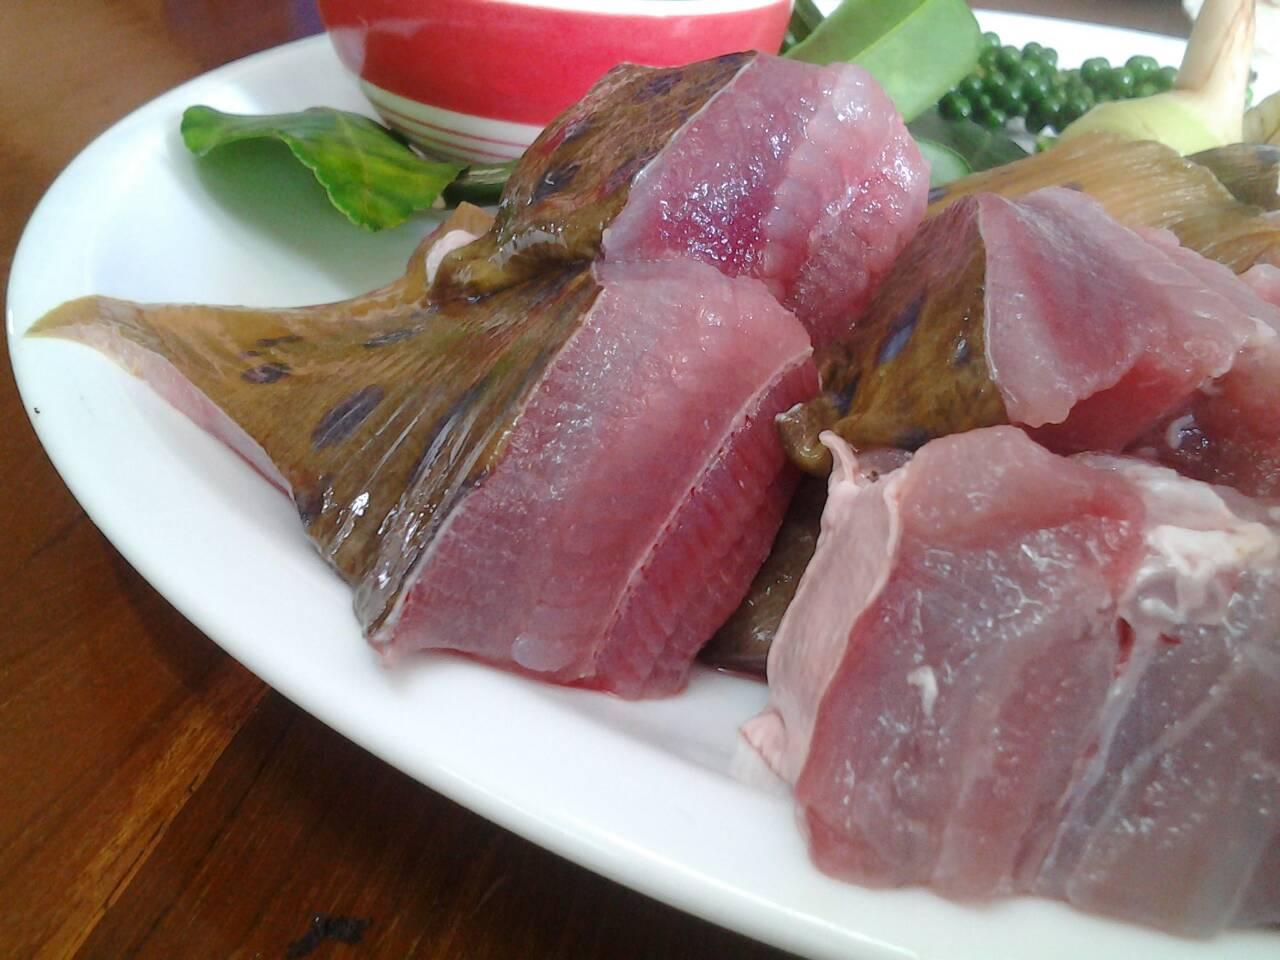 แกงคั่วปลากระเบนใส่ขาอ่อน